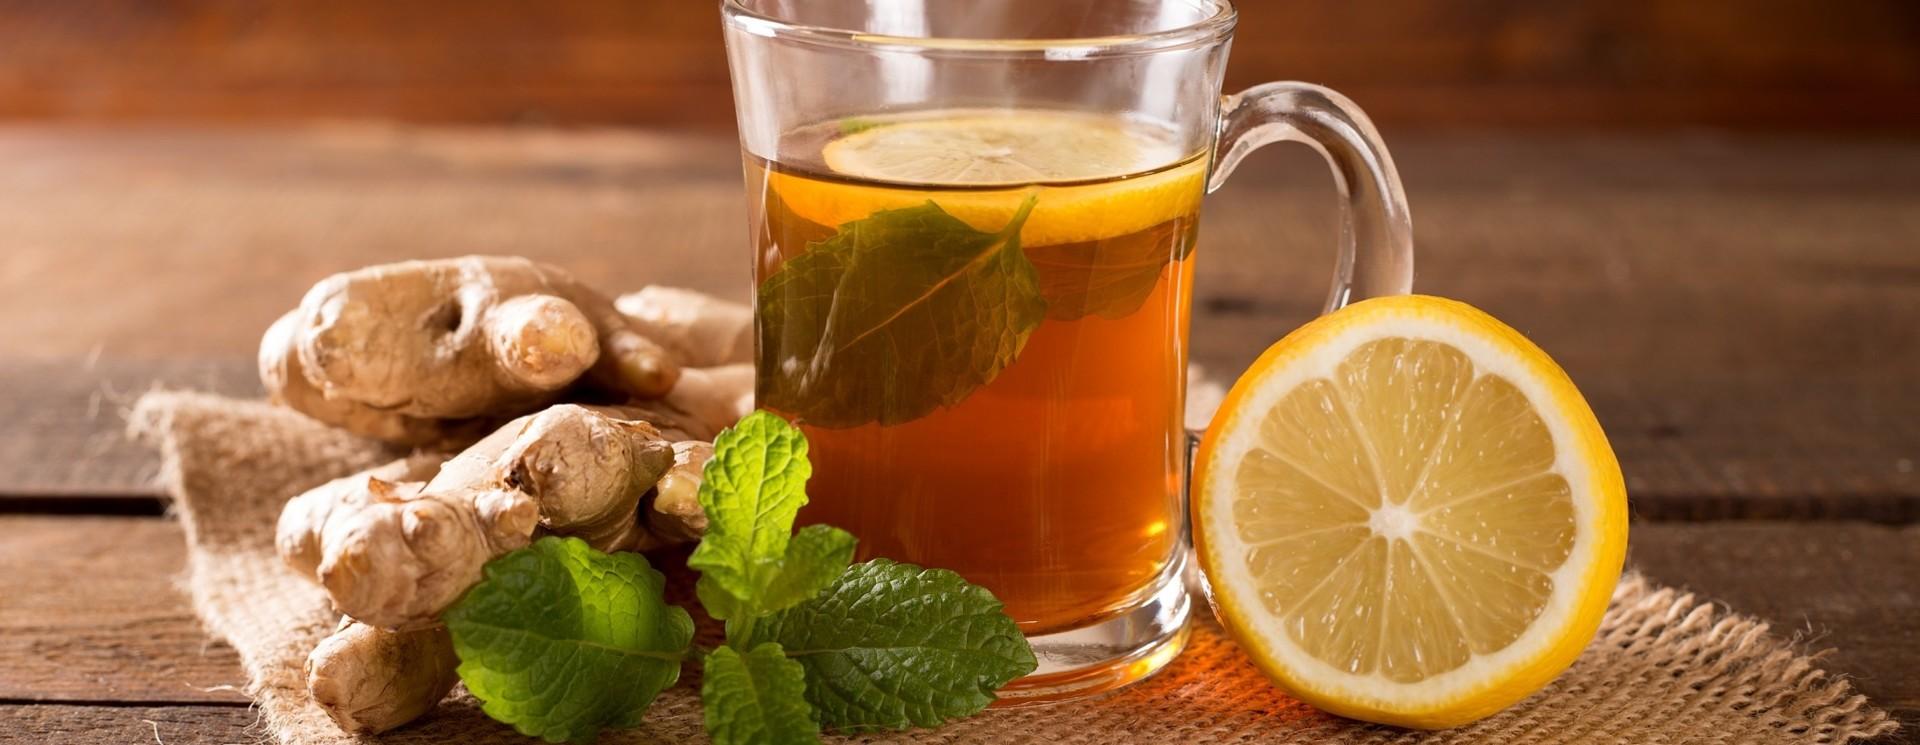 Oolong Tee aromatisiert